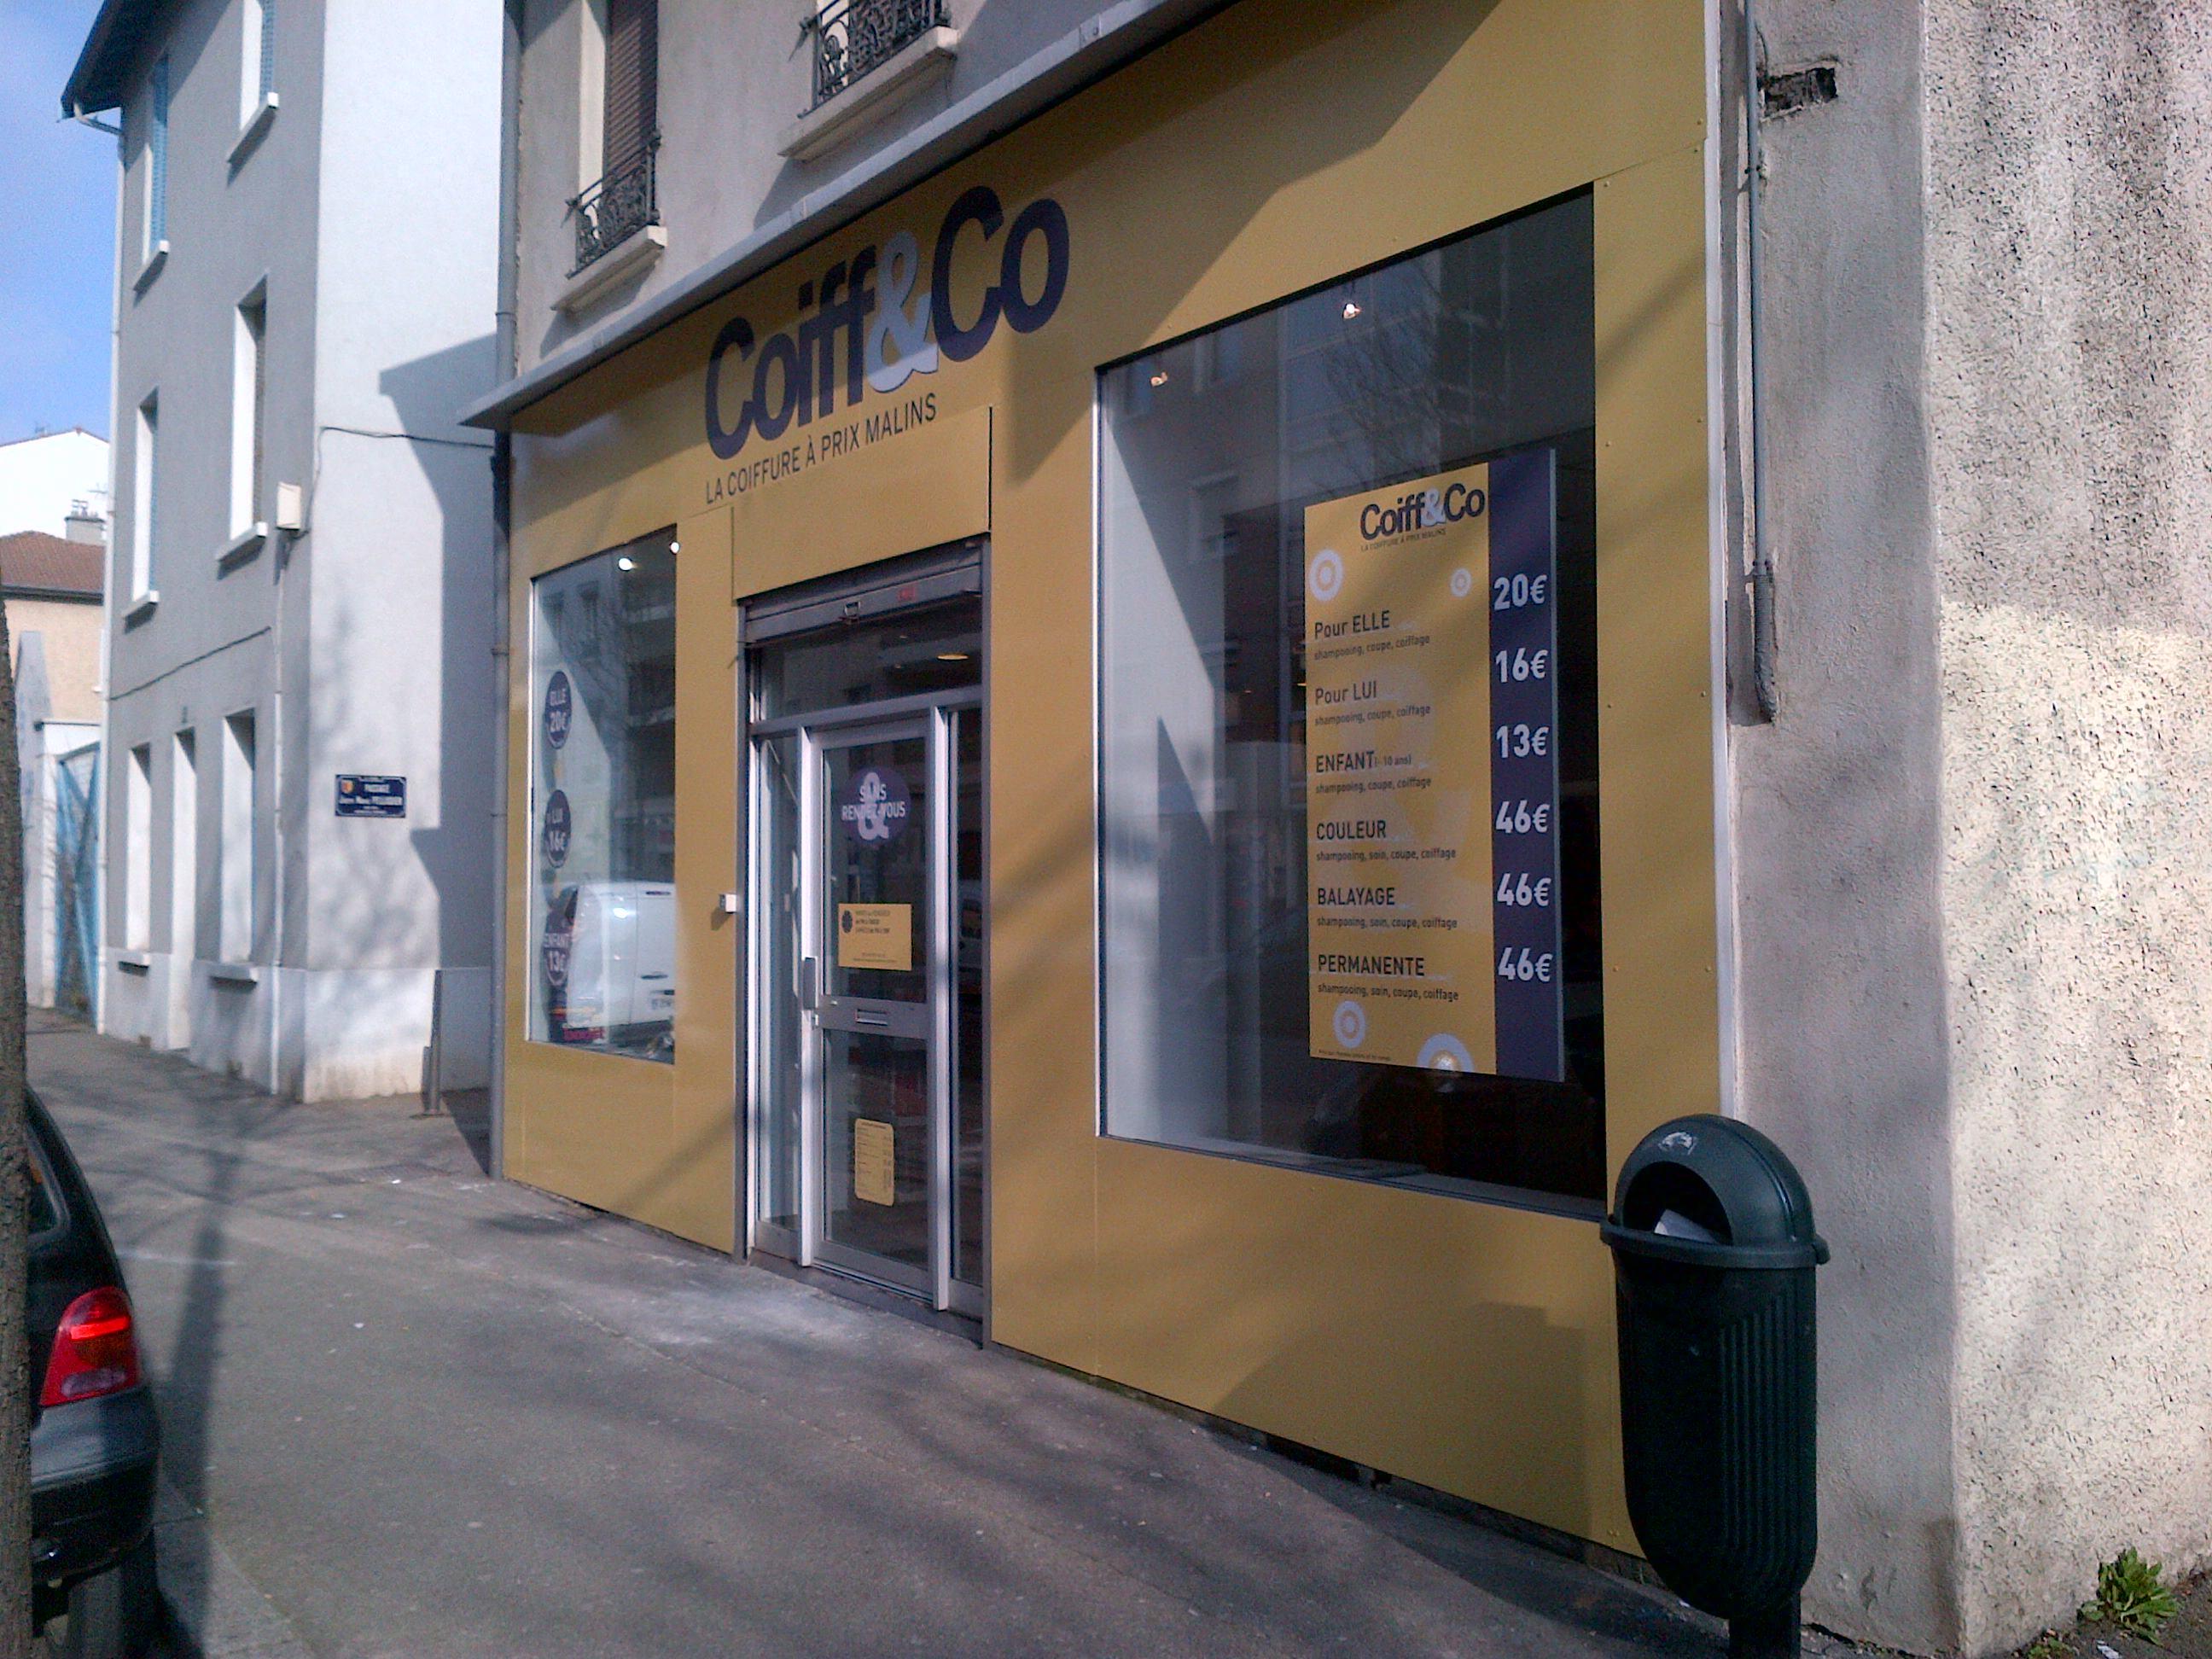 Coiff co meilleur salon de coiffure saint fons - Salon de coiffure saint georges ...